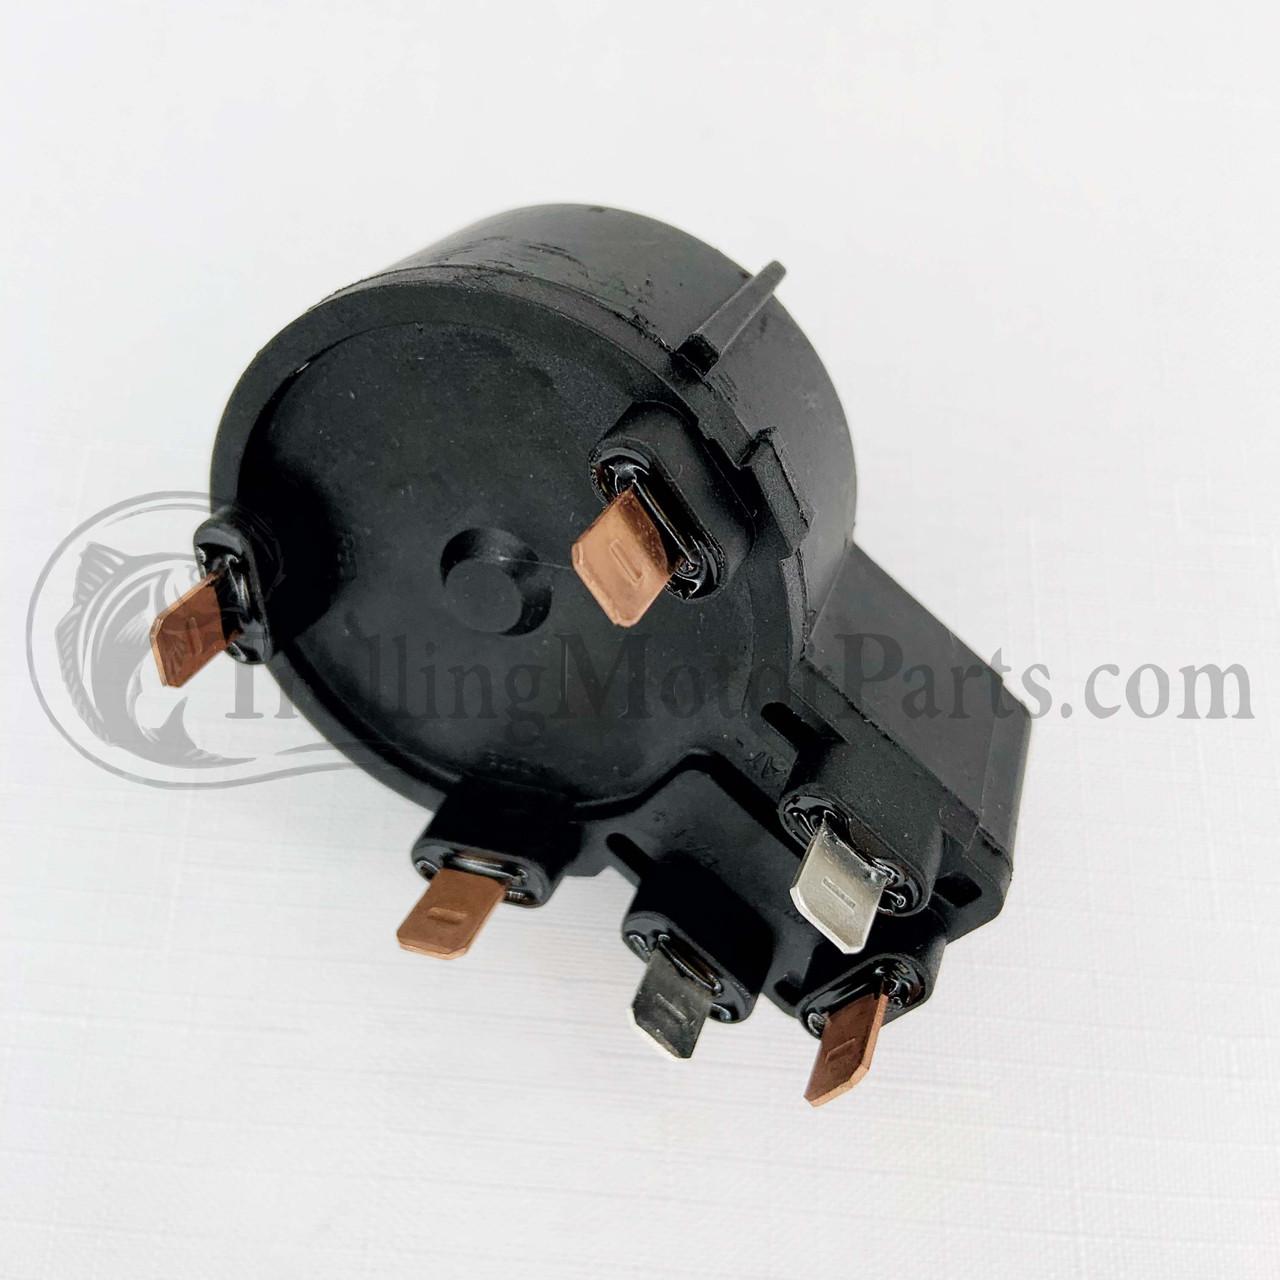 minn kota 5 speed switch wiring diagram minn kota 5 speed hand control rotary switch trollingmotorparts com  5 speed hand control rotary switch